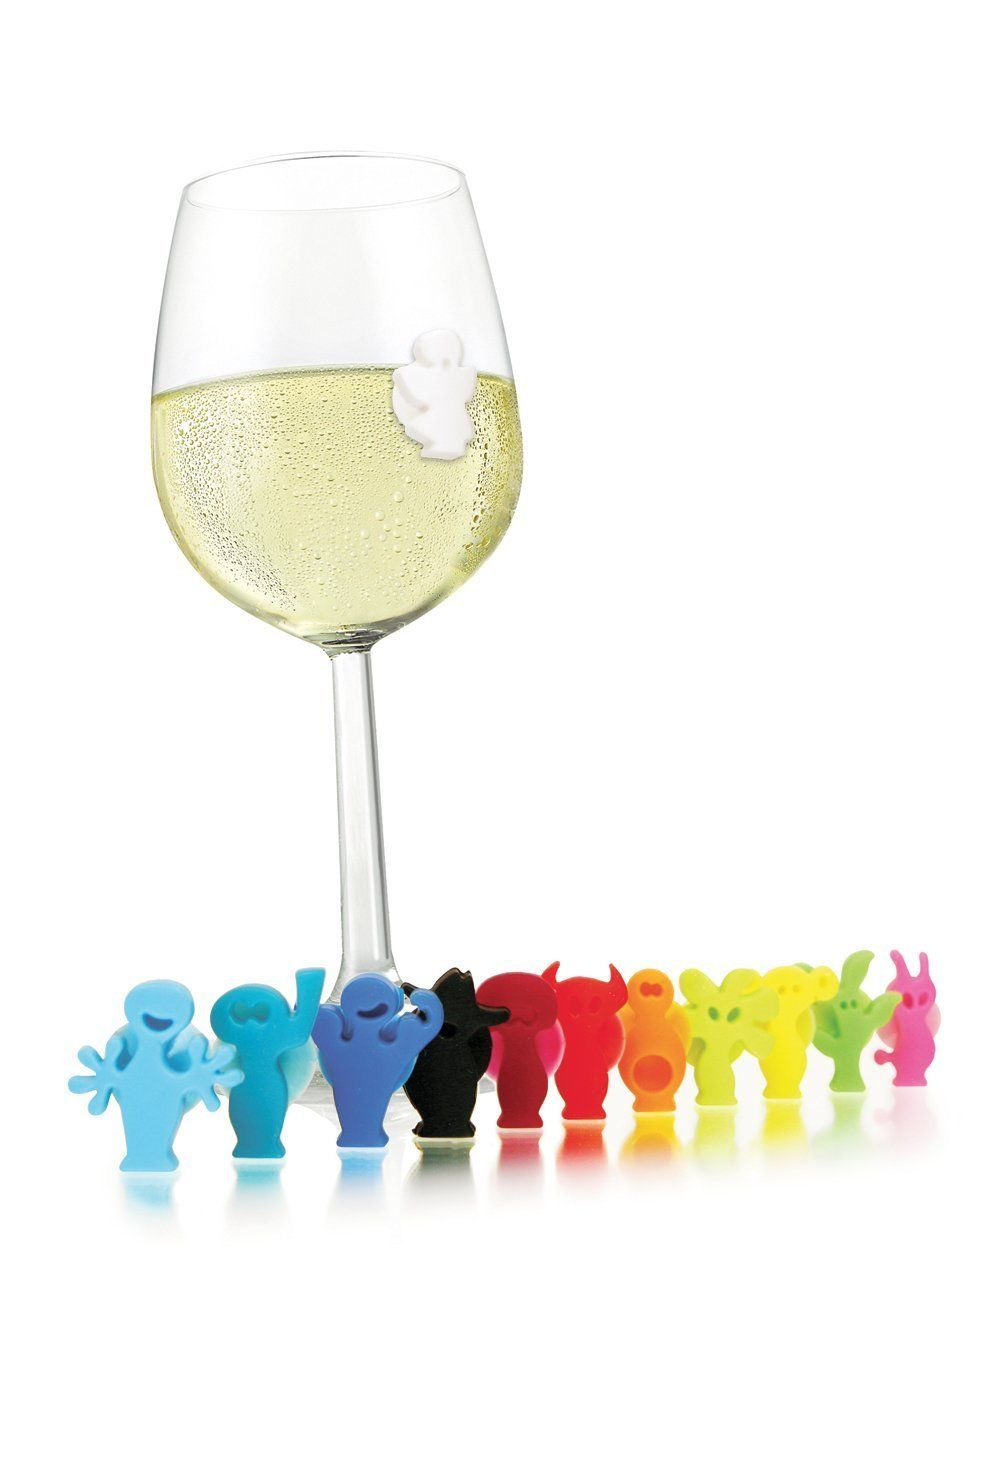 Set 12 Marcadores de copos silicone Party People Vacu Vin